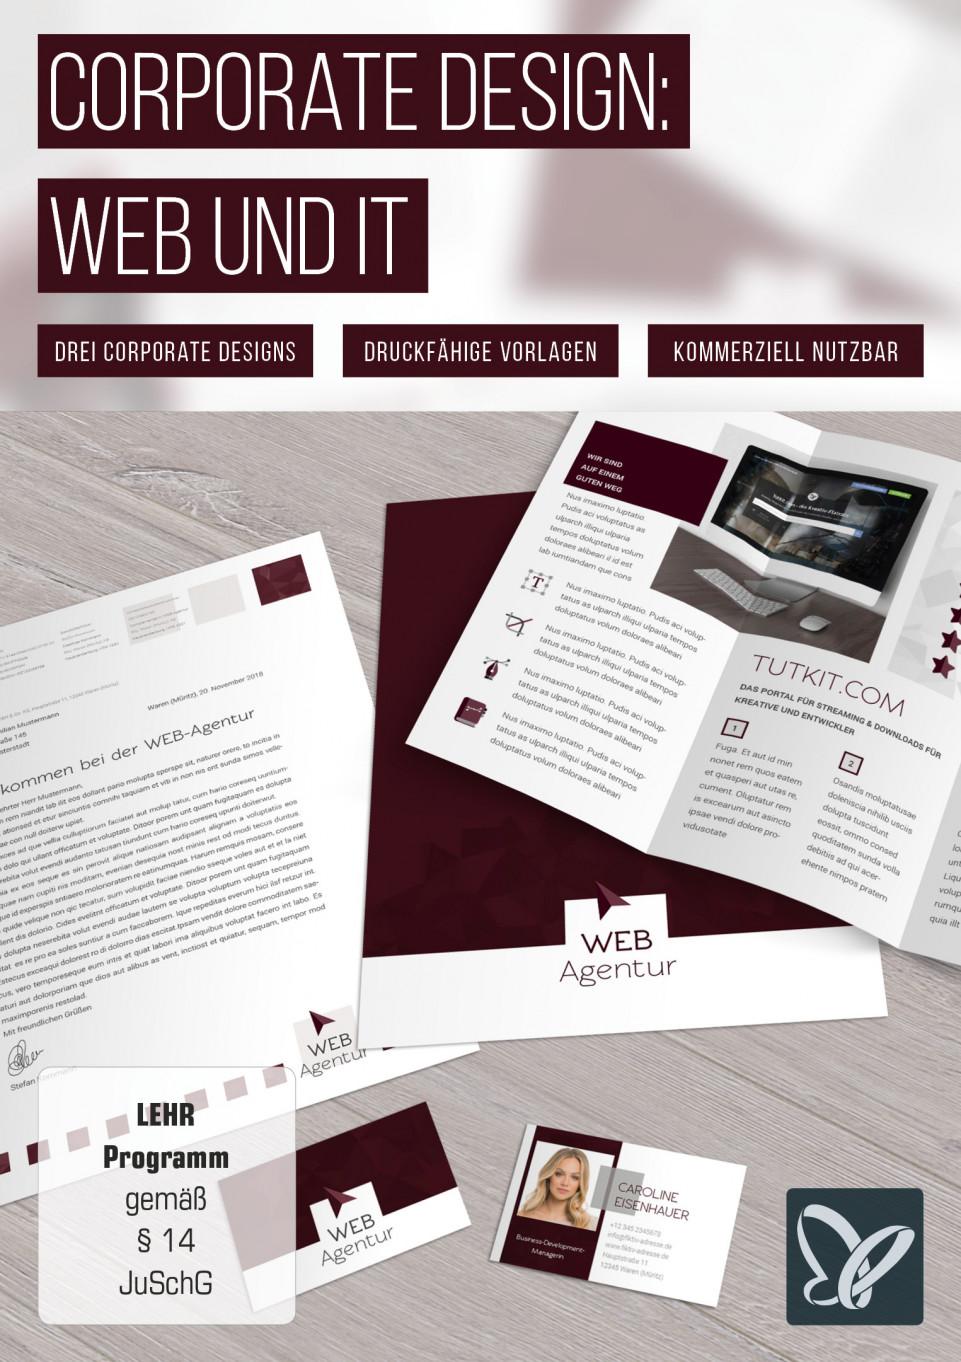 Corporate Design-Vorlagen – die Geschäftsausstattung für Web und IT